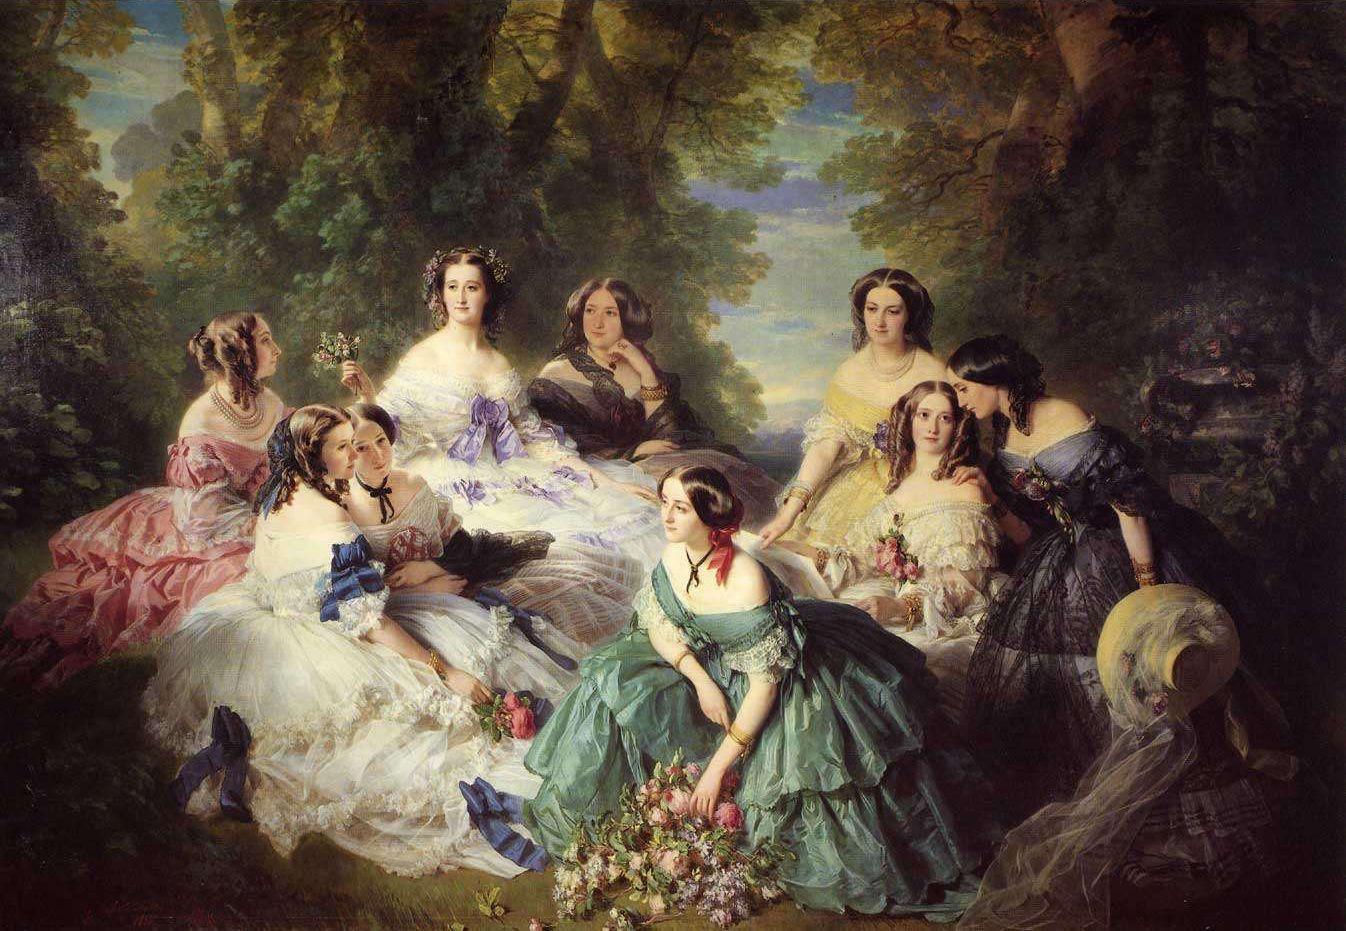 Kaiserin Eugénie von Frankreich mit ihren Hofdamen, (1855)